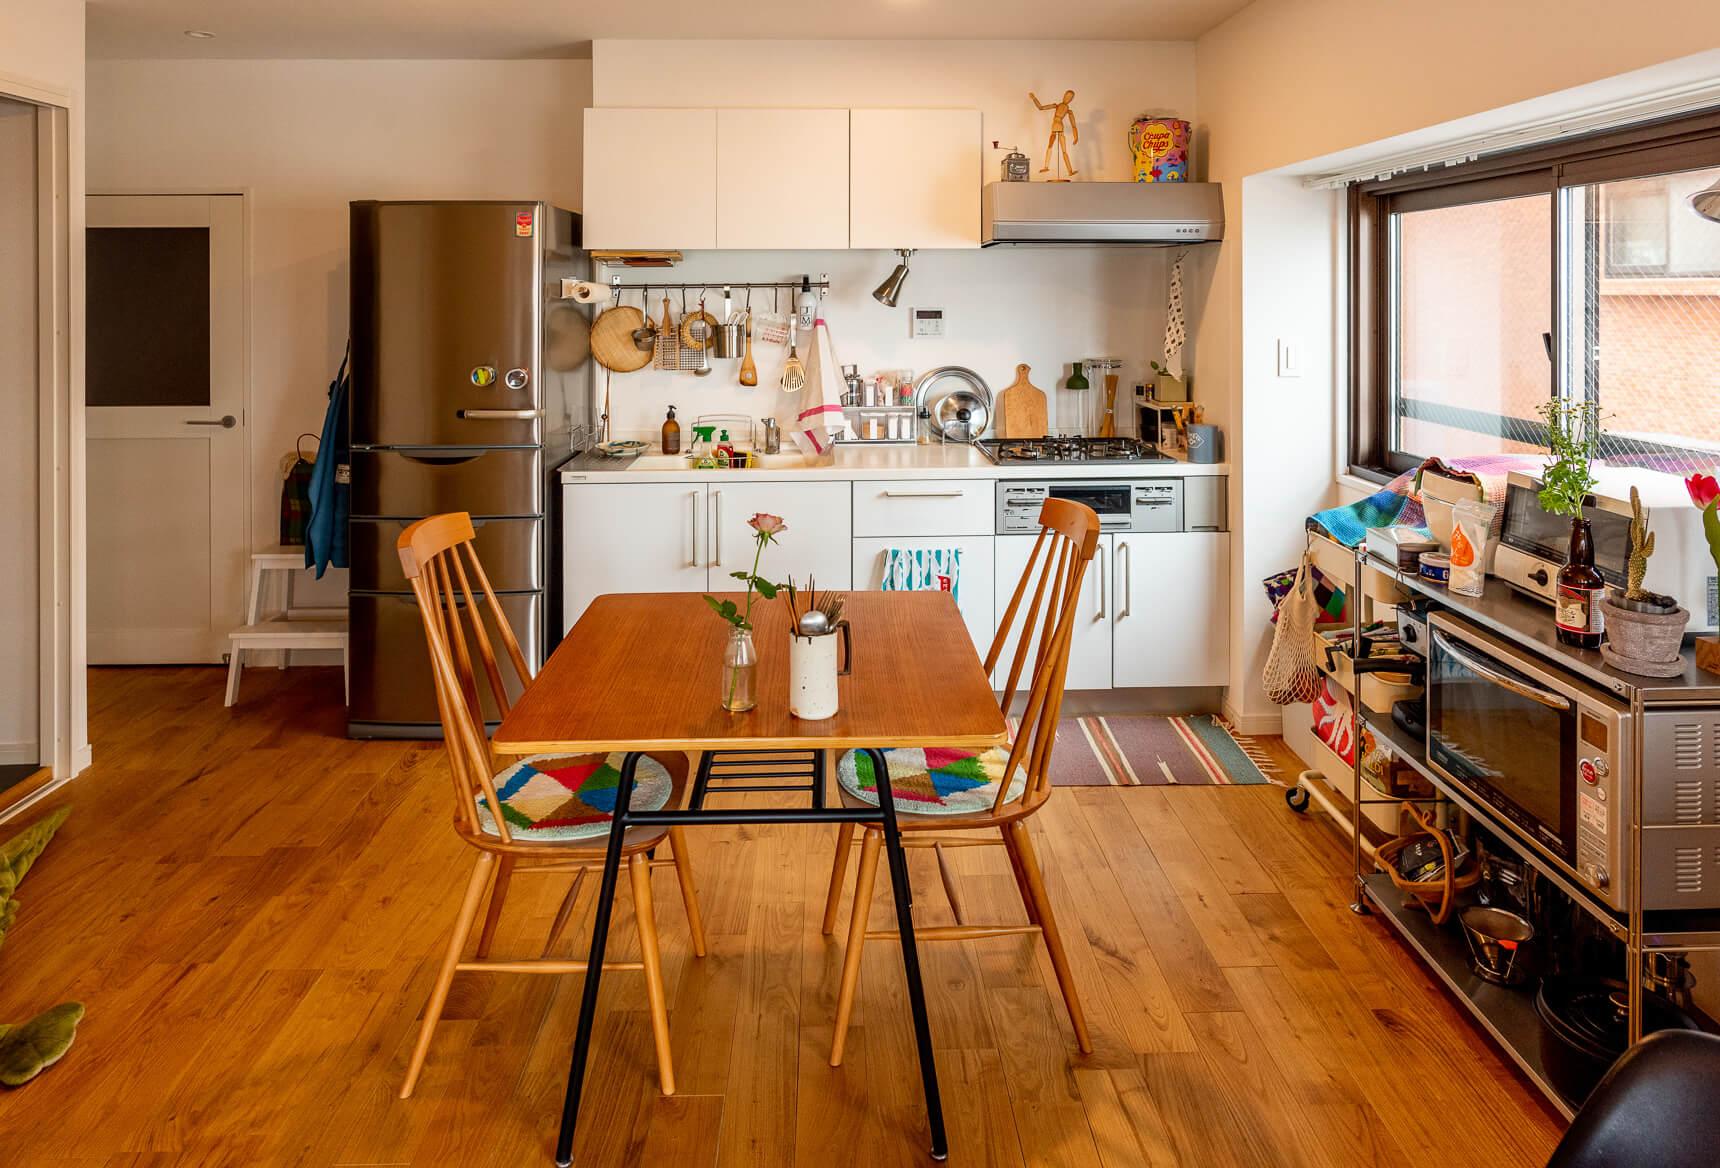 白い天井と壁に対して、全体的に濃いめの色の家具がうまく部屋を引き締めています。